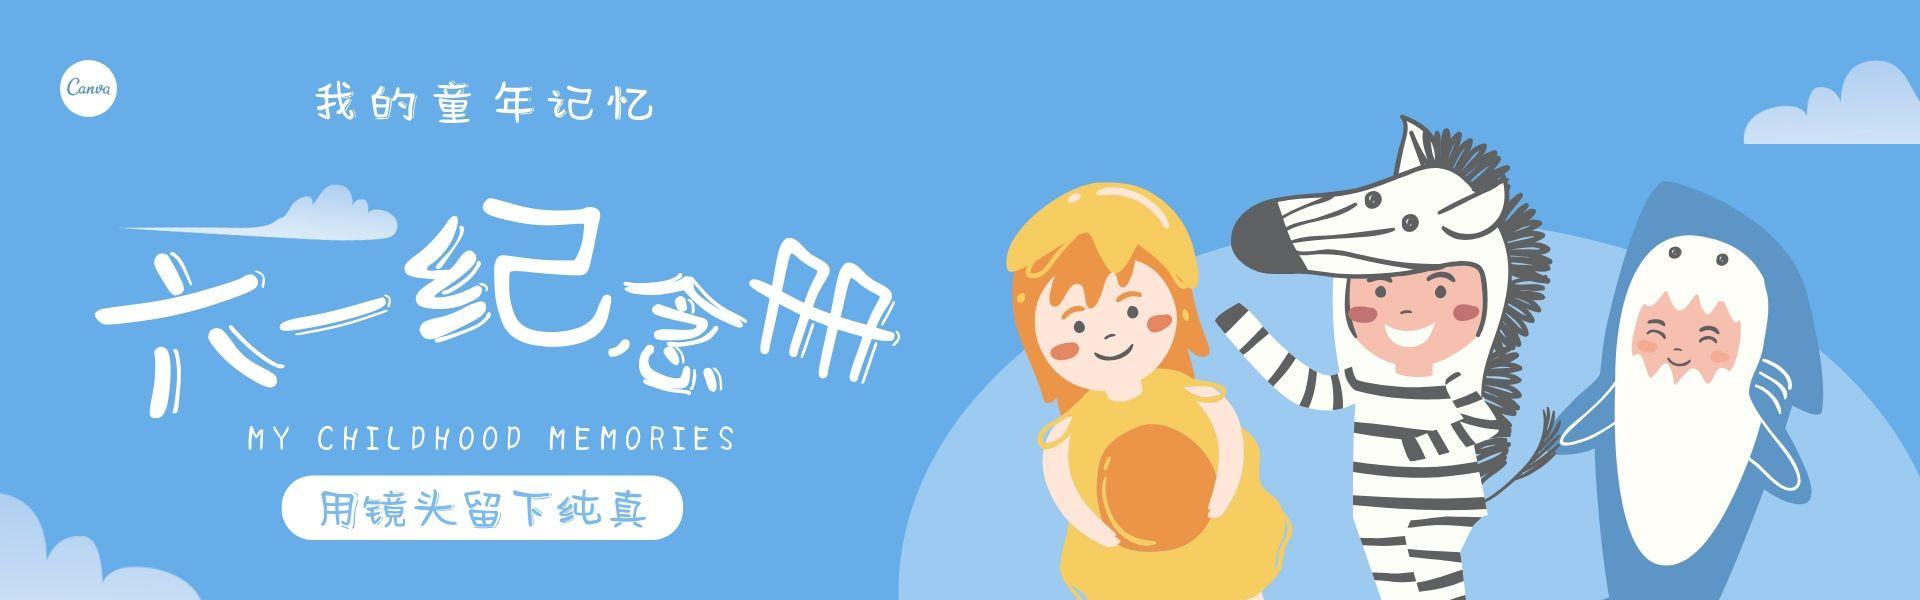 儿童节电商Banner